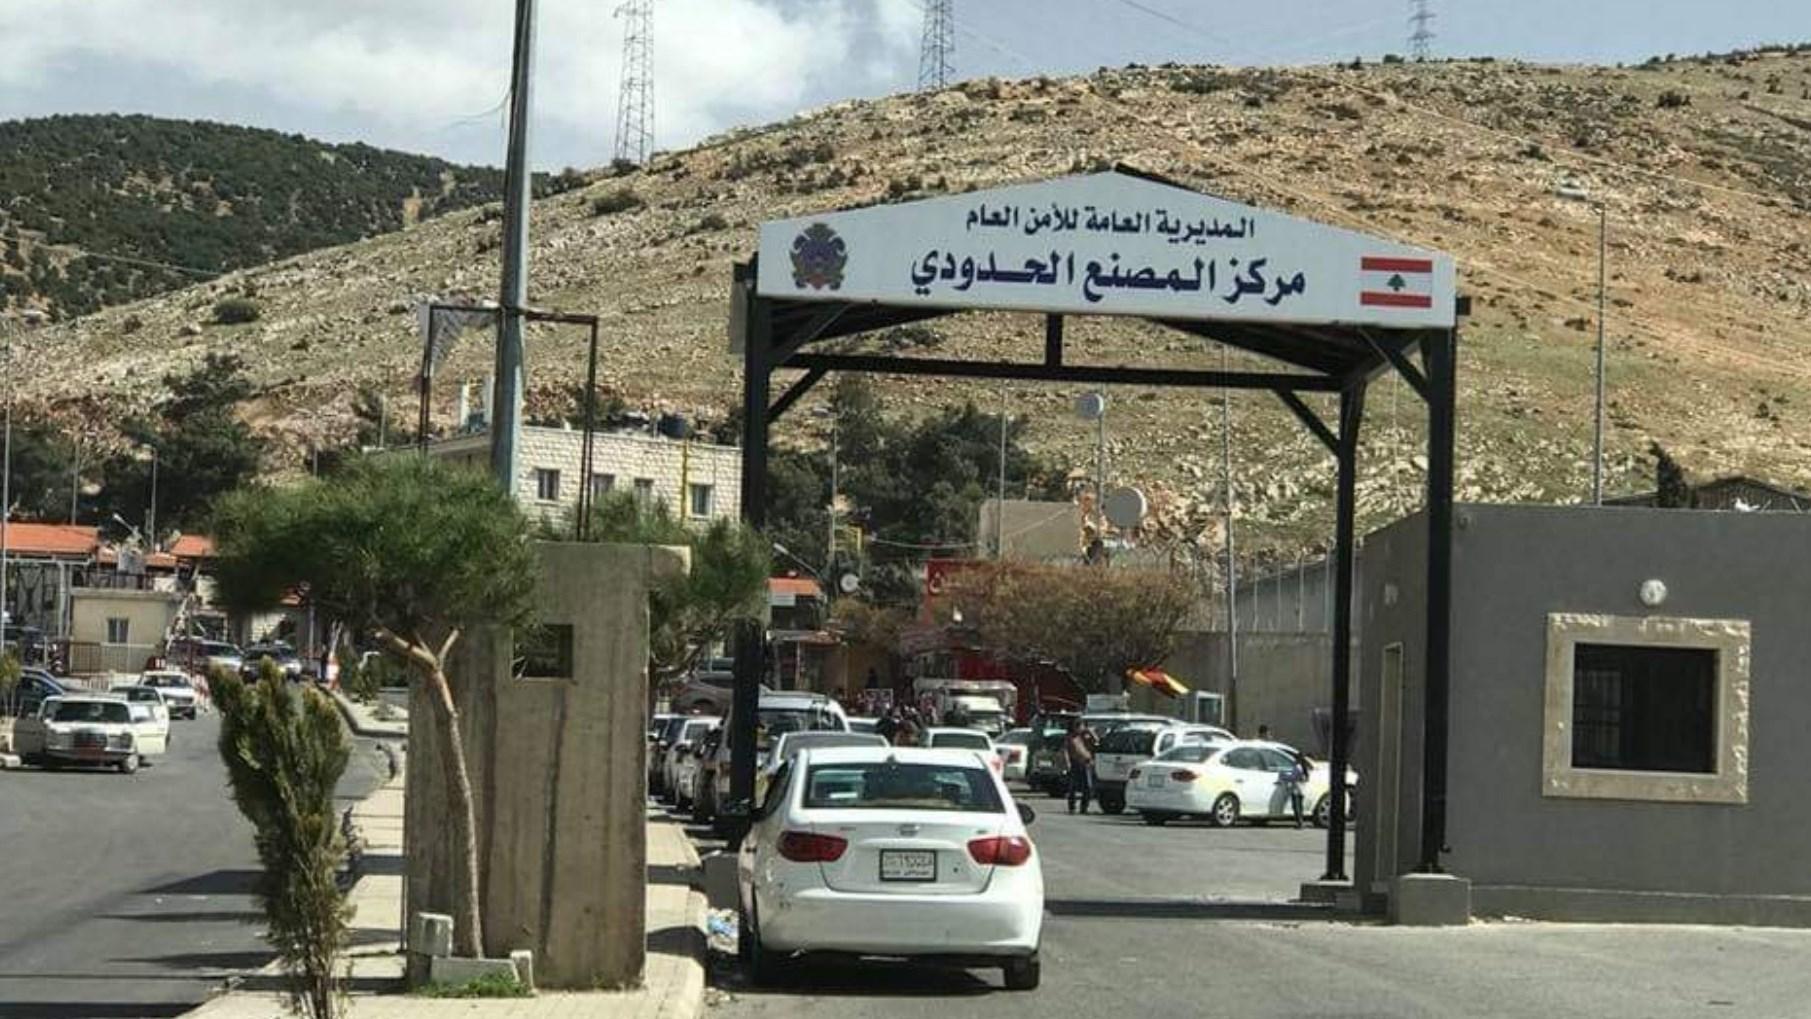 وزيرا السياحة في لبنان وسوريا يتفقان على تعزيز التعاون بين البلدين